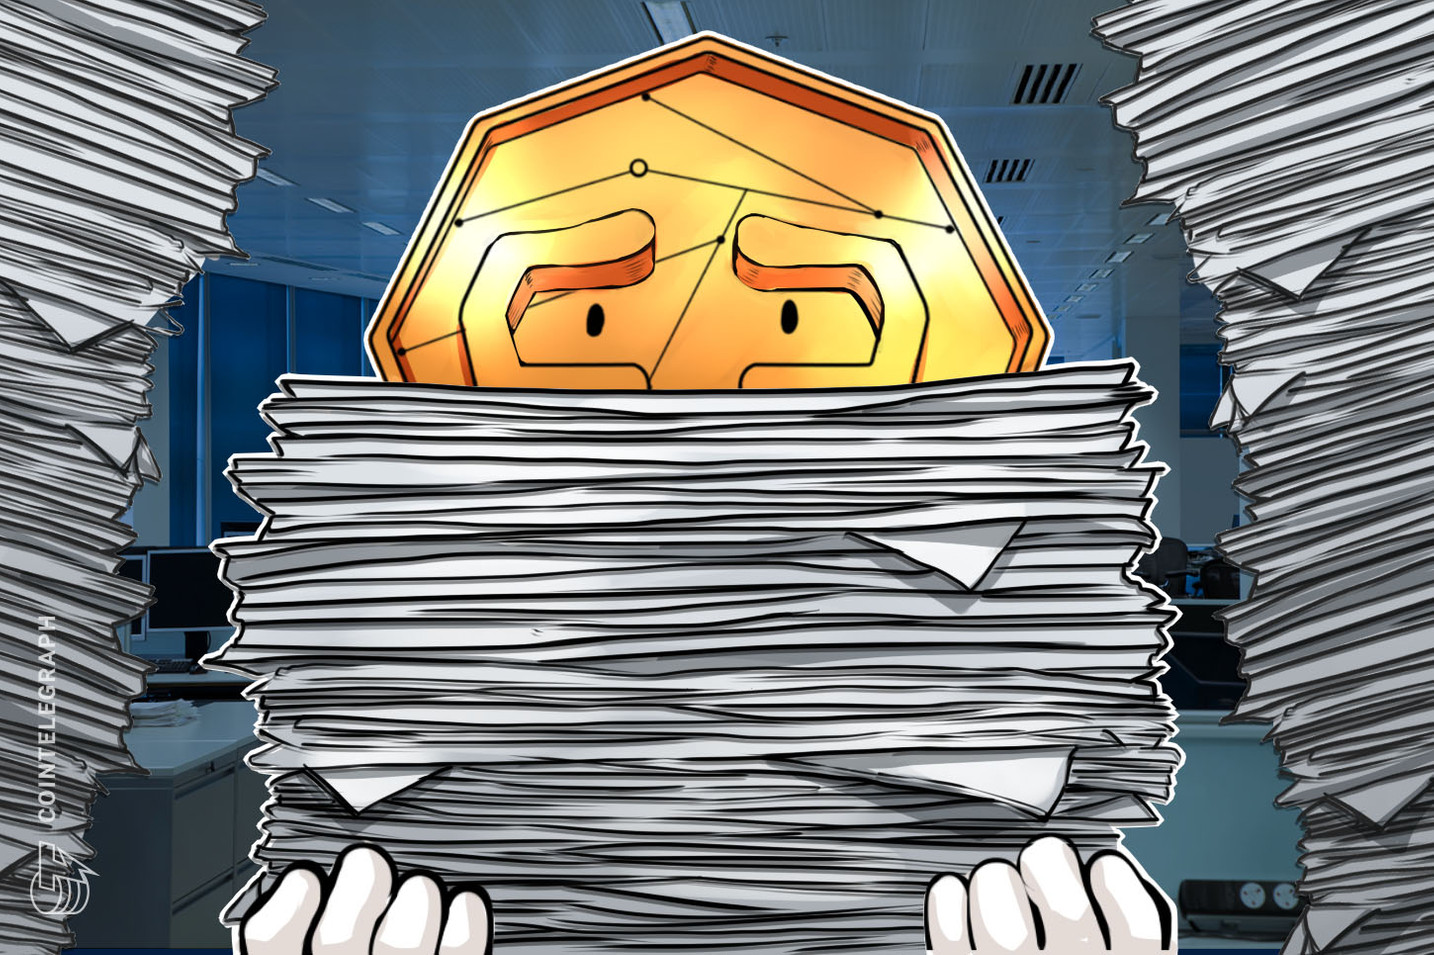 Niederländische Zentralbank beginnt ab Januar 2020 mit der Regulierung von Krypto-Firmen